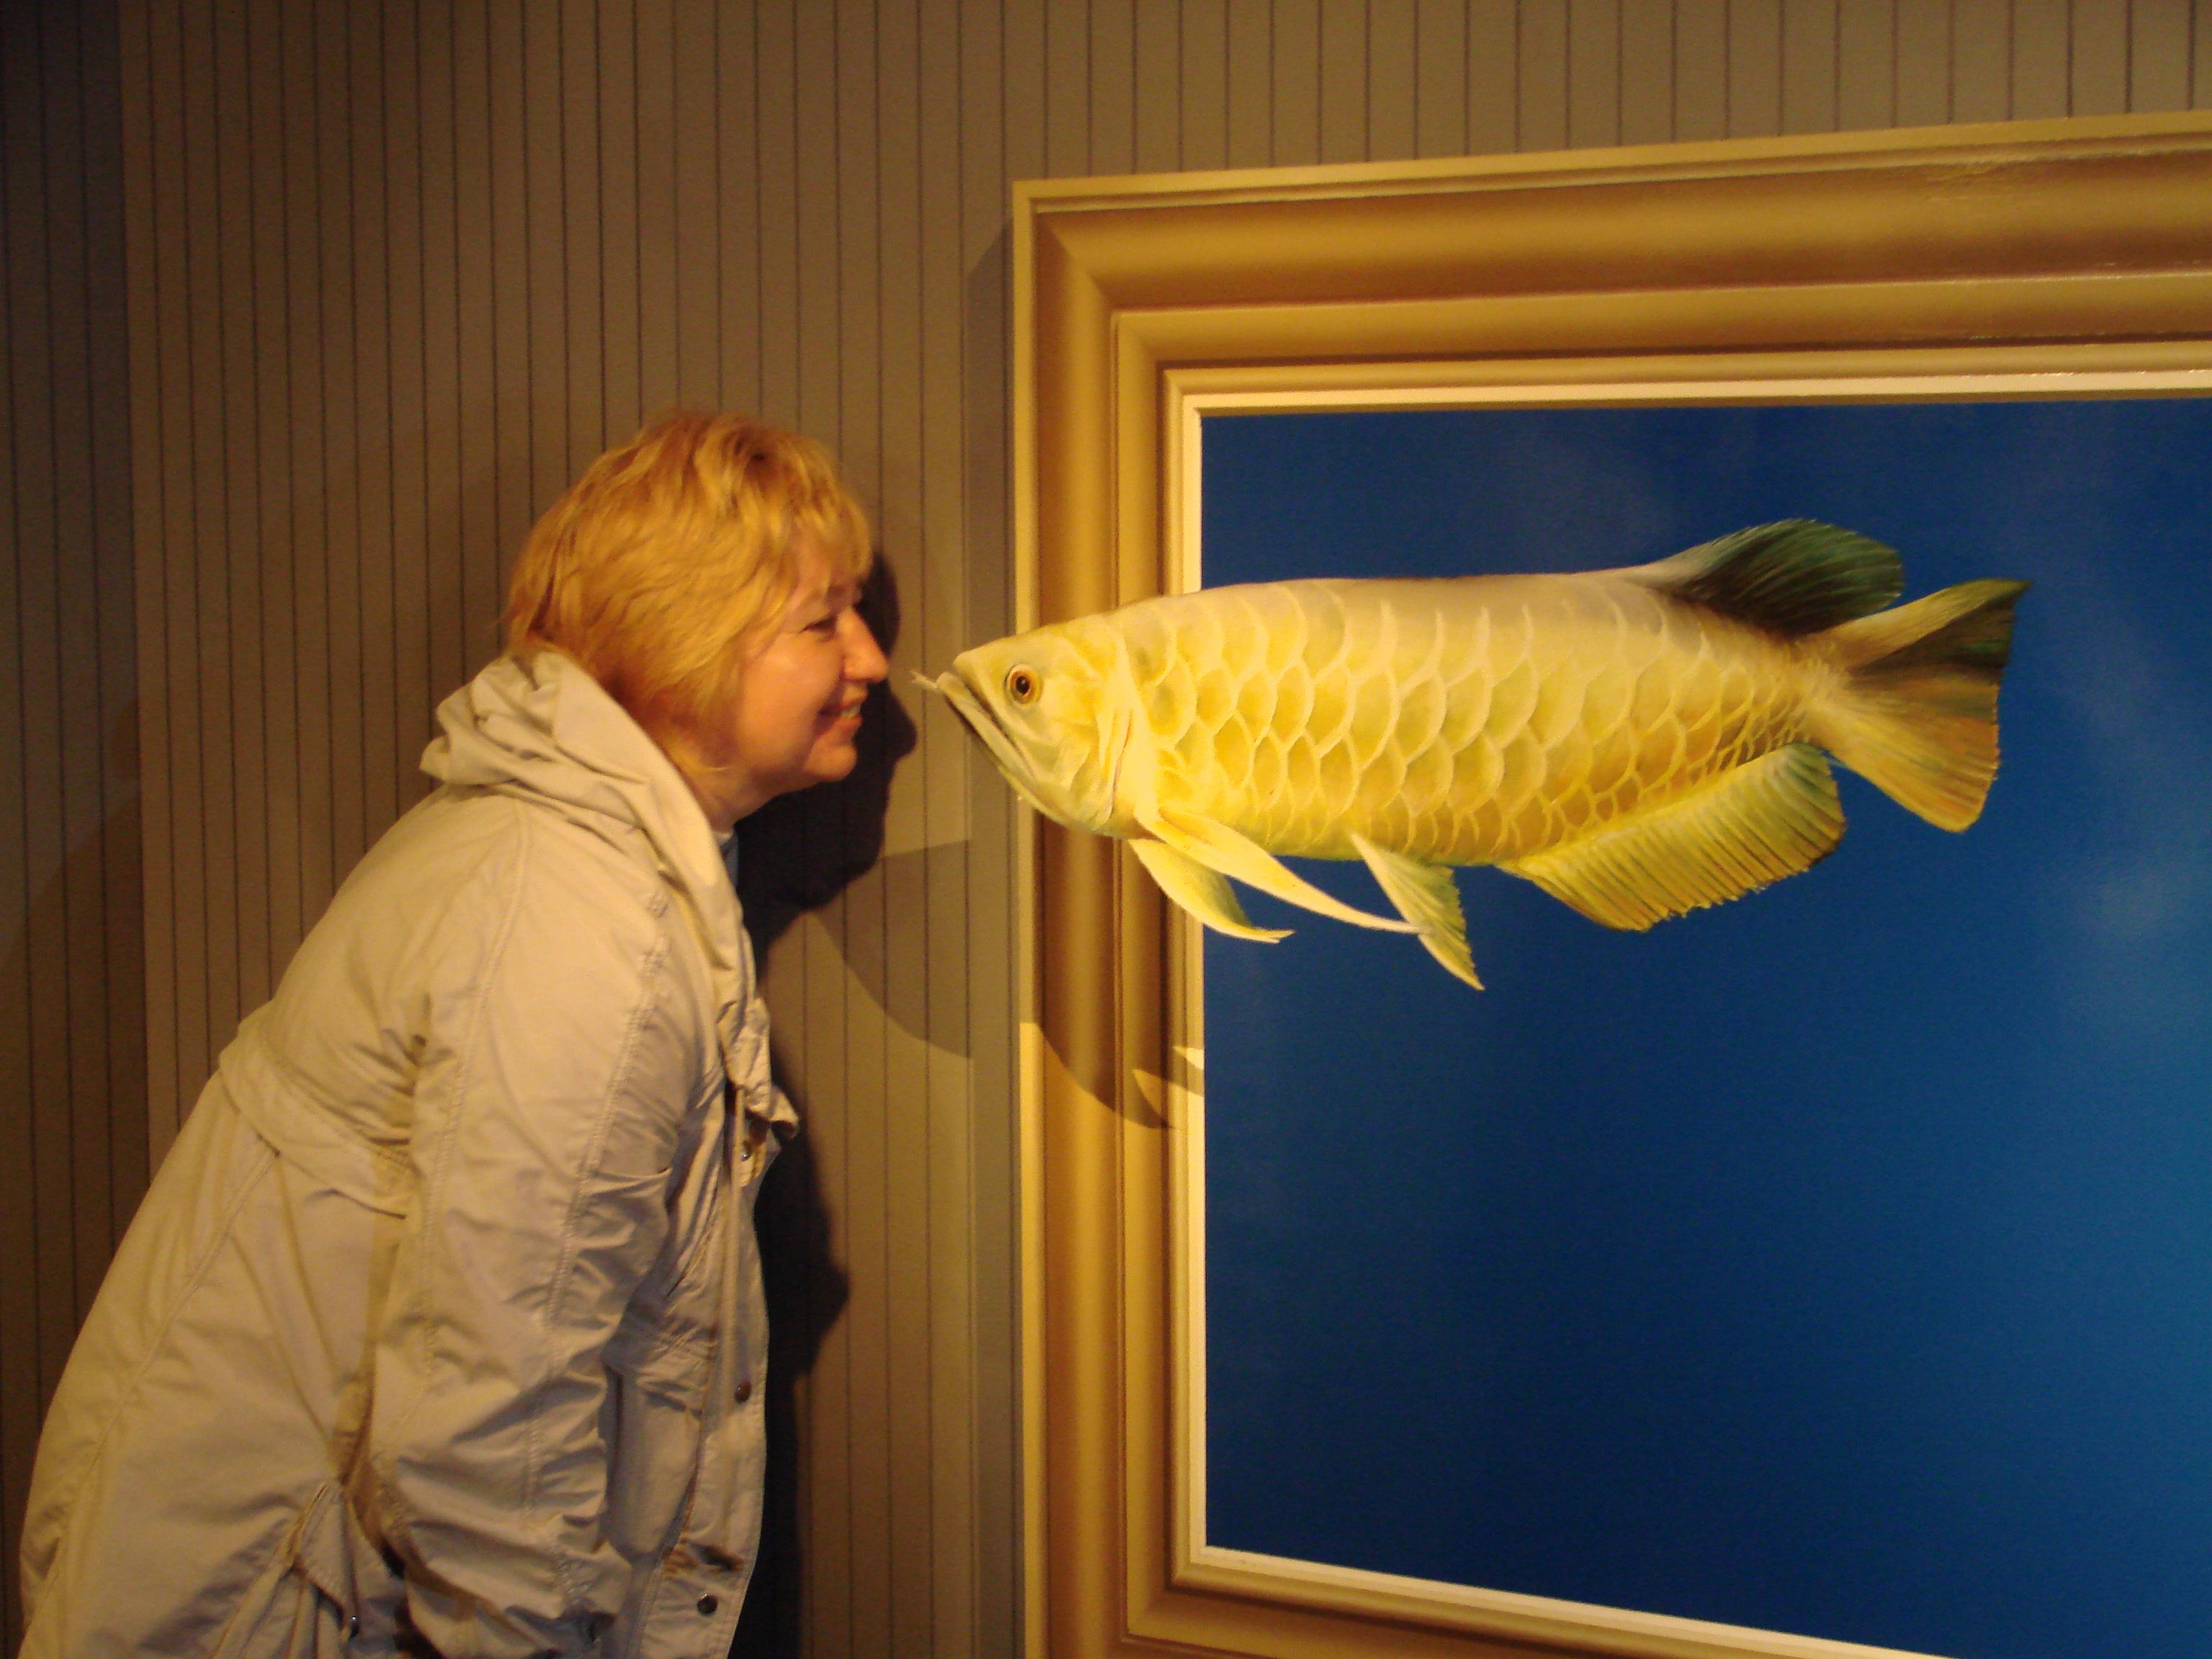 Япония. Музей оптический иллюзий 3D в Такао/Japan Takao Trick Art Museum.